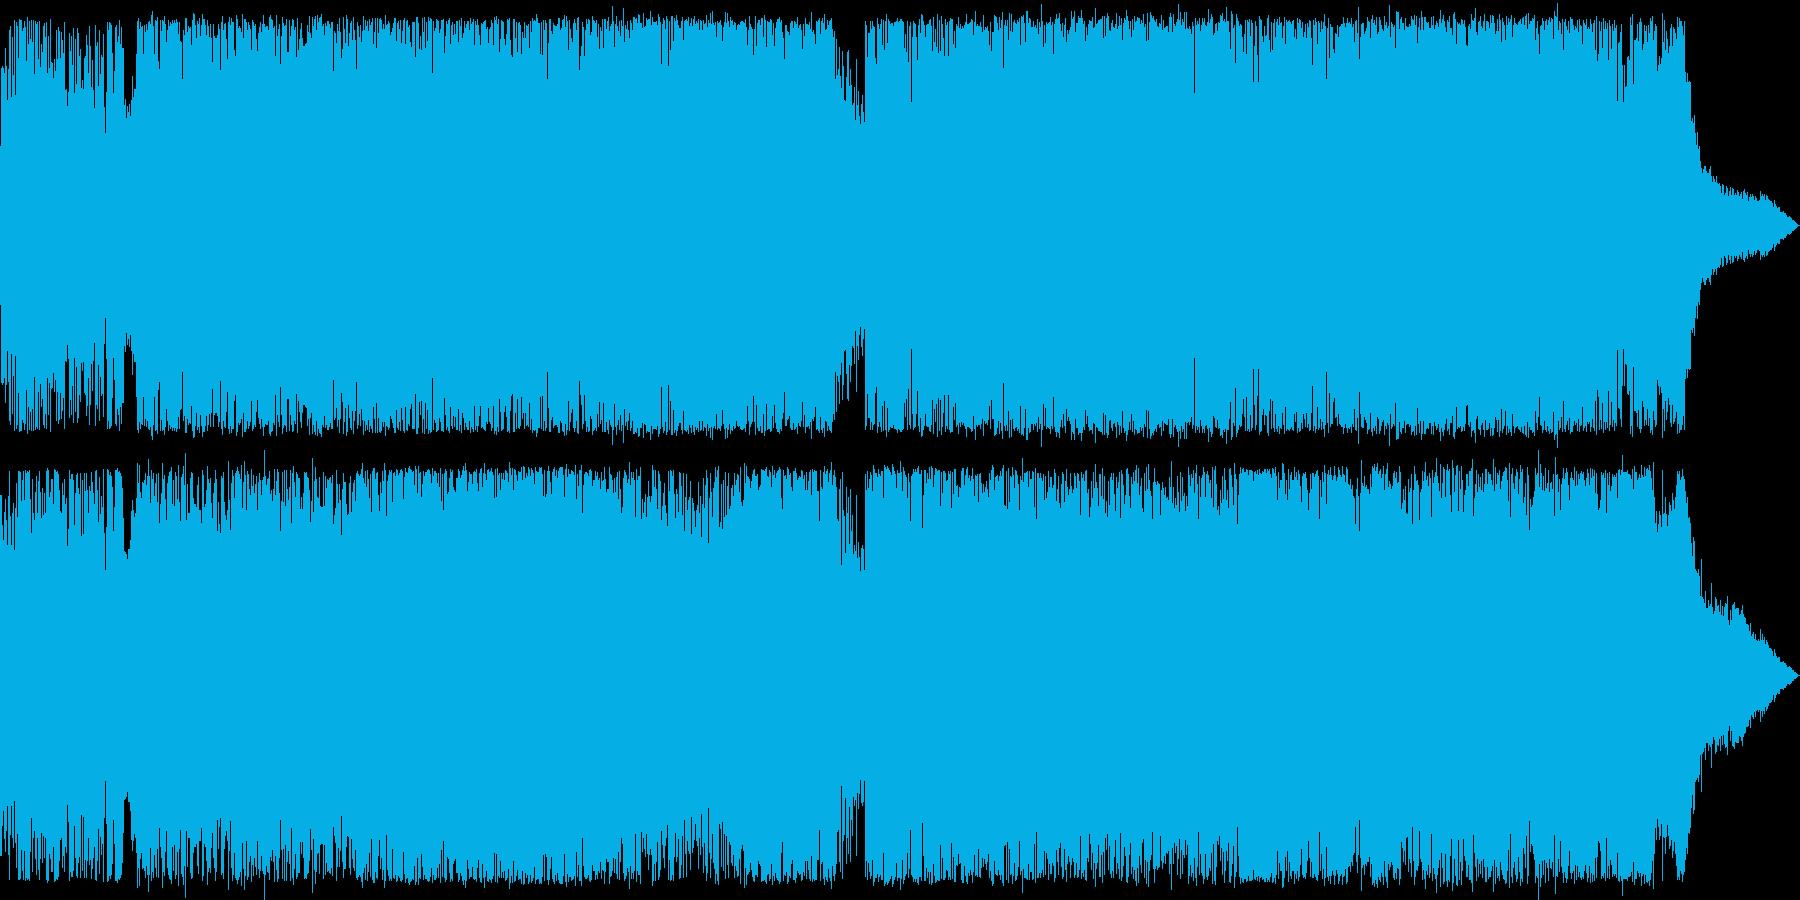 重低音ゴリゴリ系ロック、戦闘BGM向けの再生済みの波形